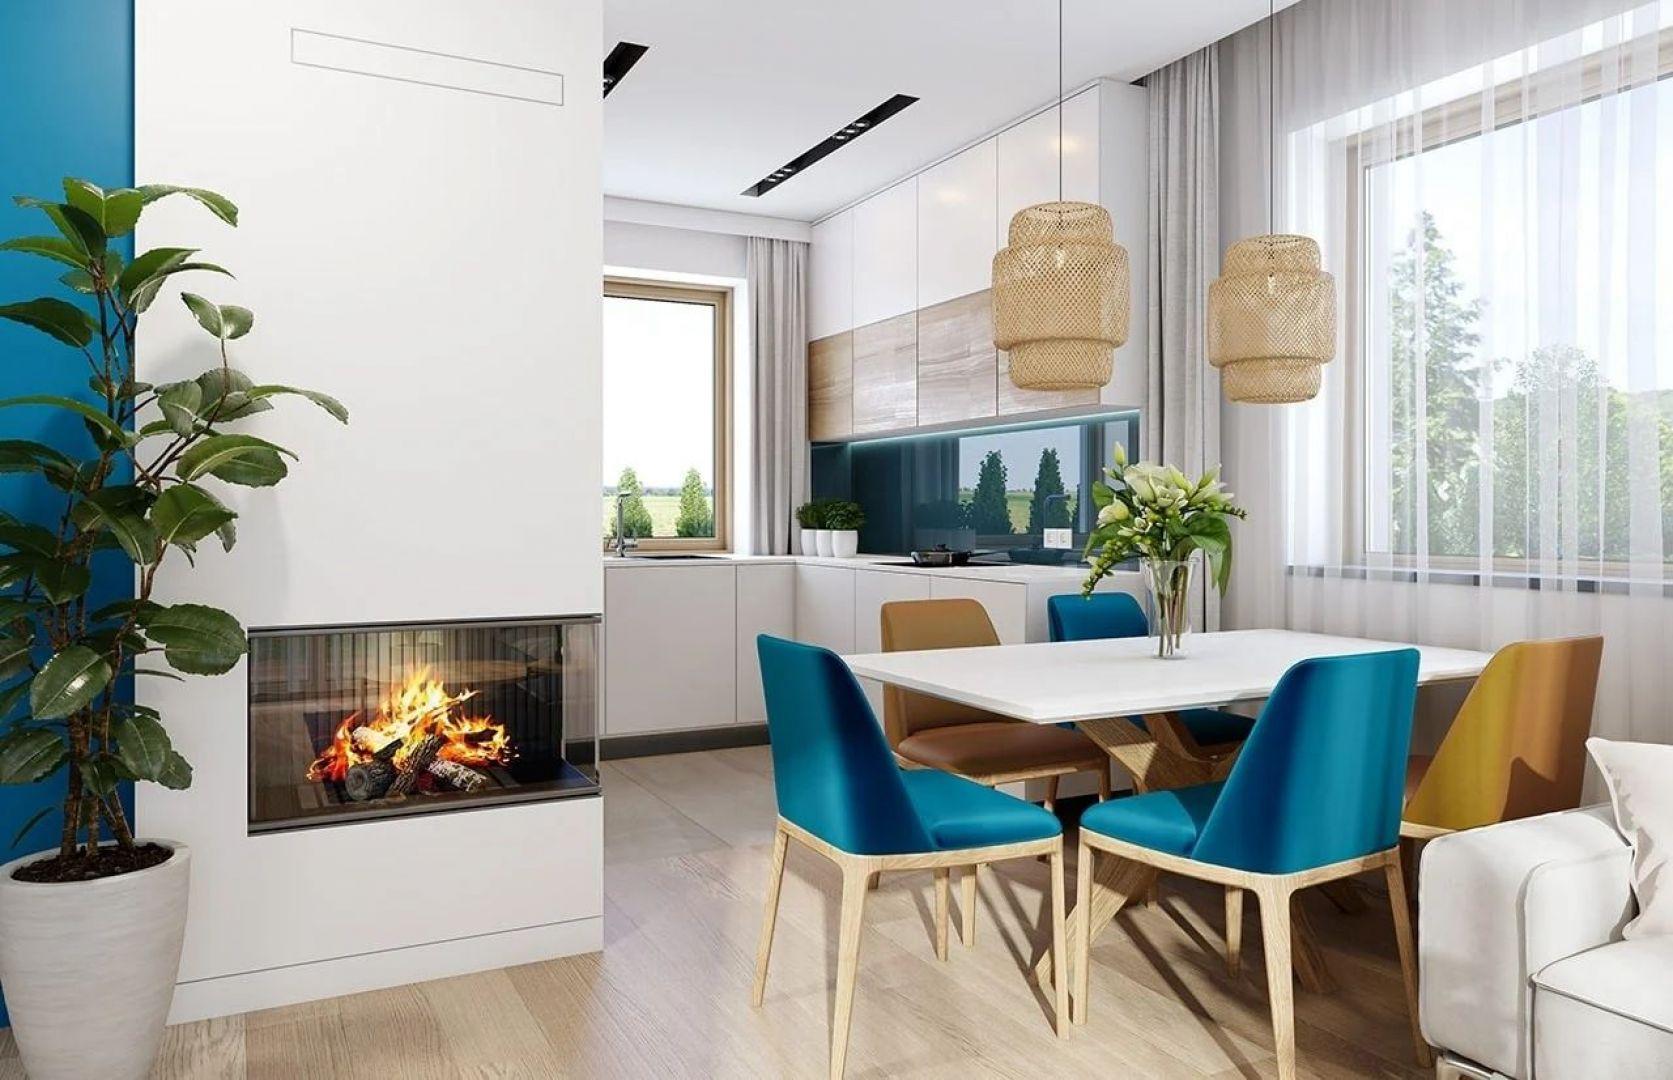 W projekcie zastosowano bardzo dobre izolacje i nowoczesne instalacje, dzięki czemu dom jest energooszczędny i będzie tani w późniejszym utrzymaniu. Projekt: arch. Michał Gąsiorowski. Fot. MG Projekt